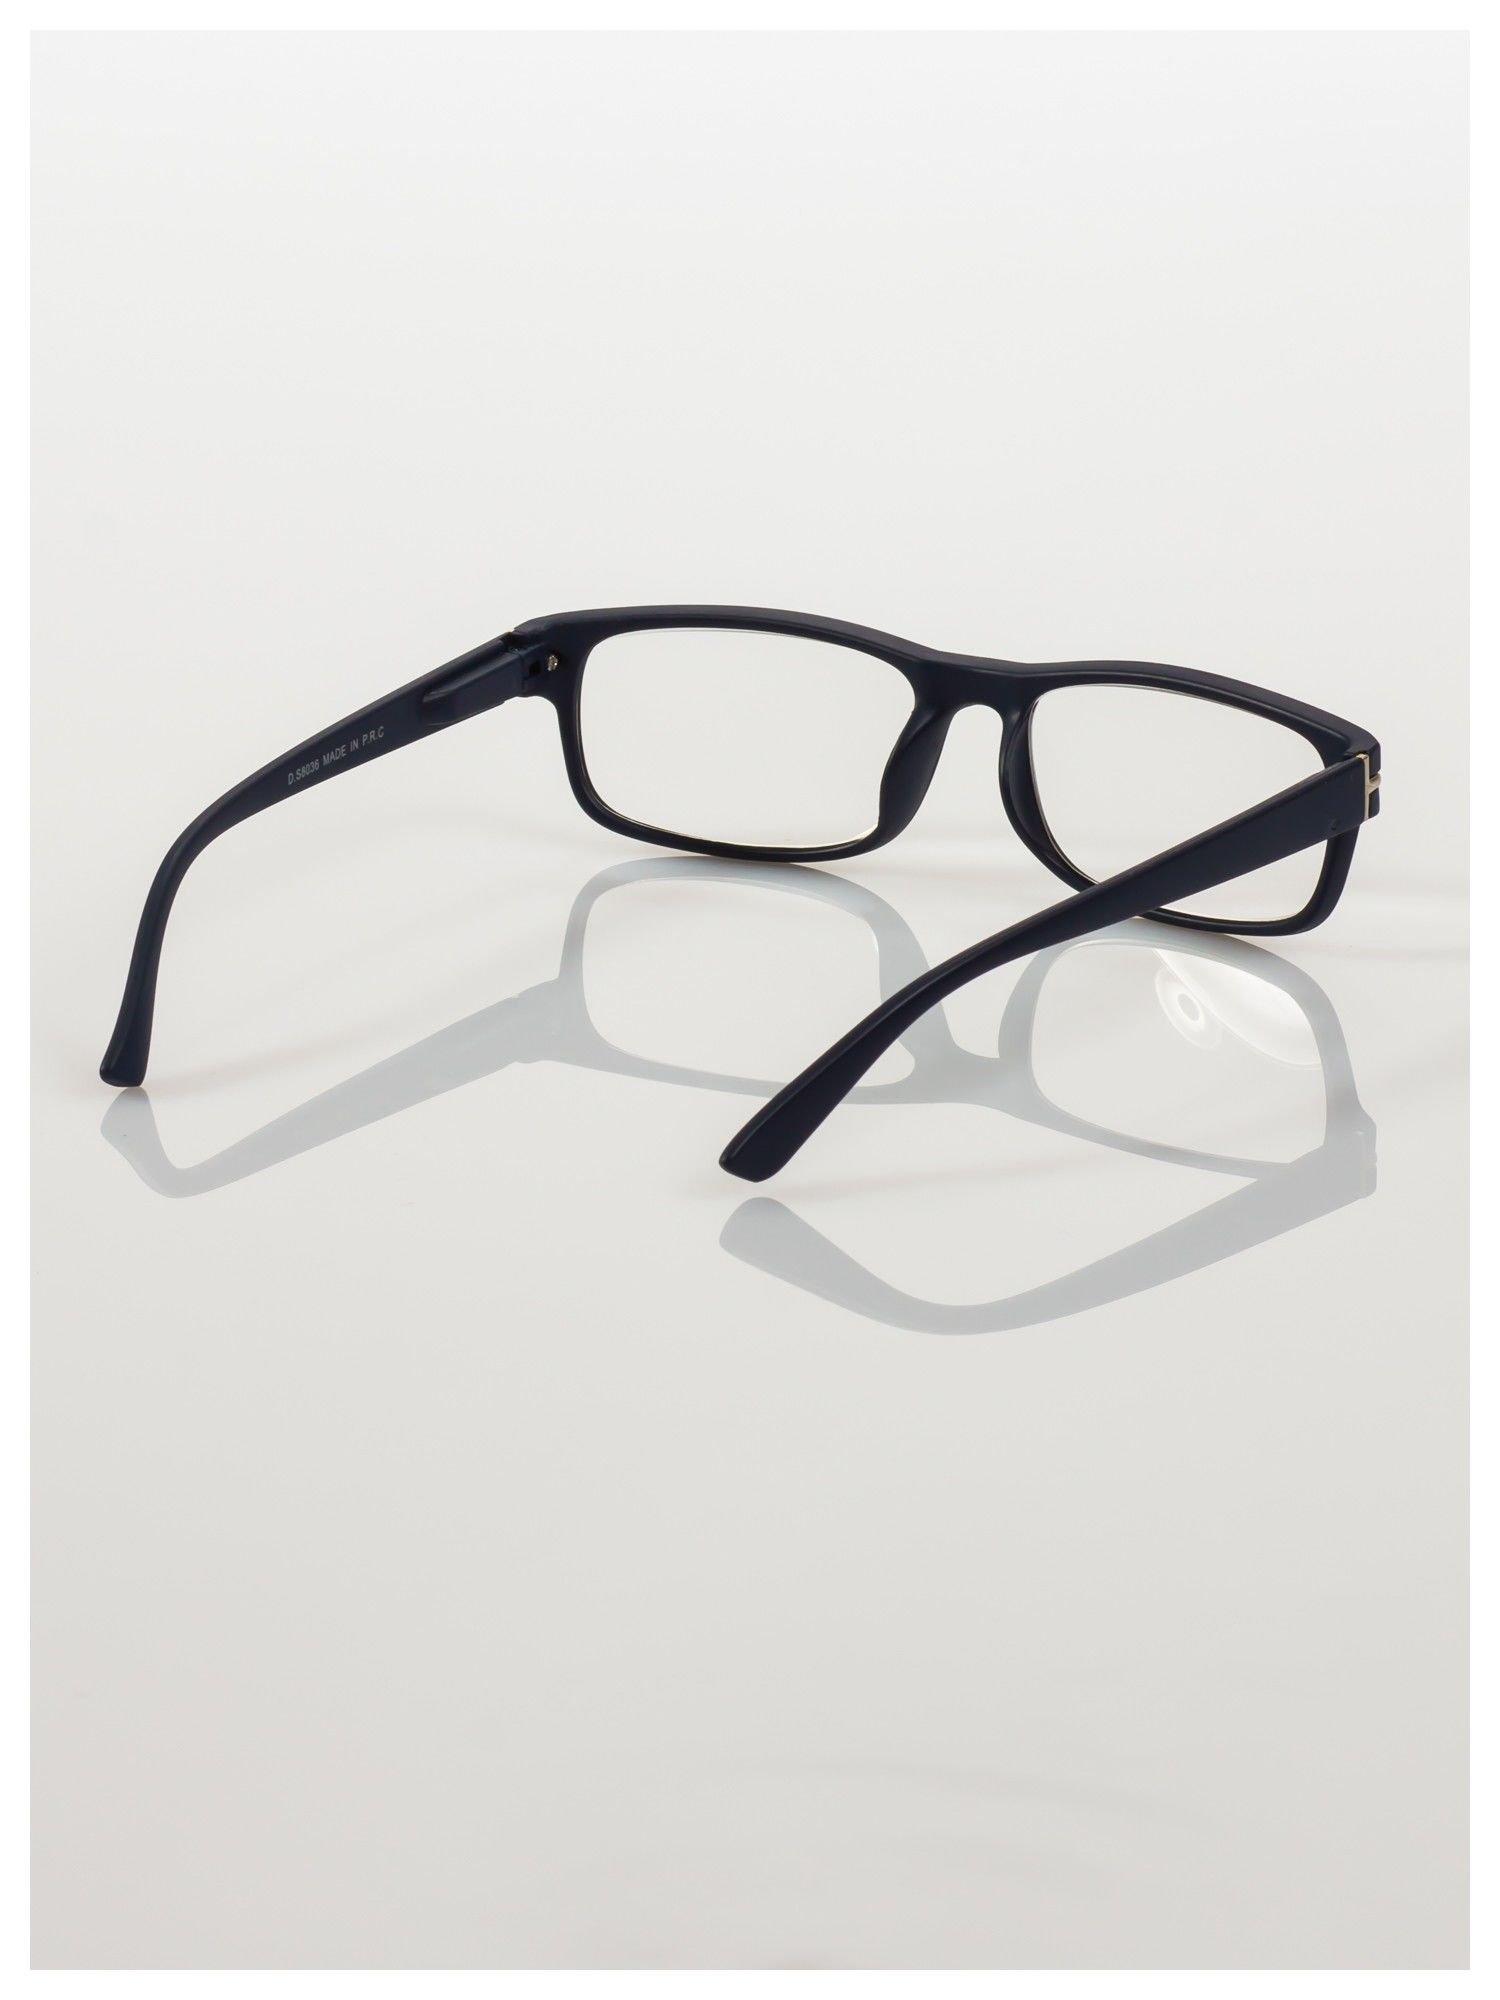 Eleganckie czarne matowe korekcyjne okulary do czytania +2.5 D  z sytemem FLEX na zausznikach                                  zdj.                                  4